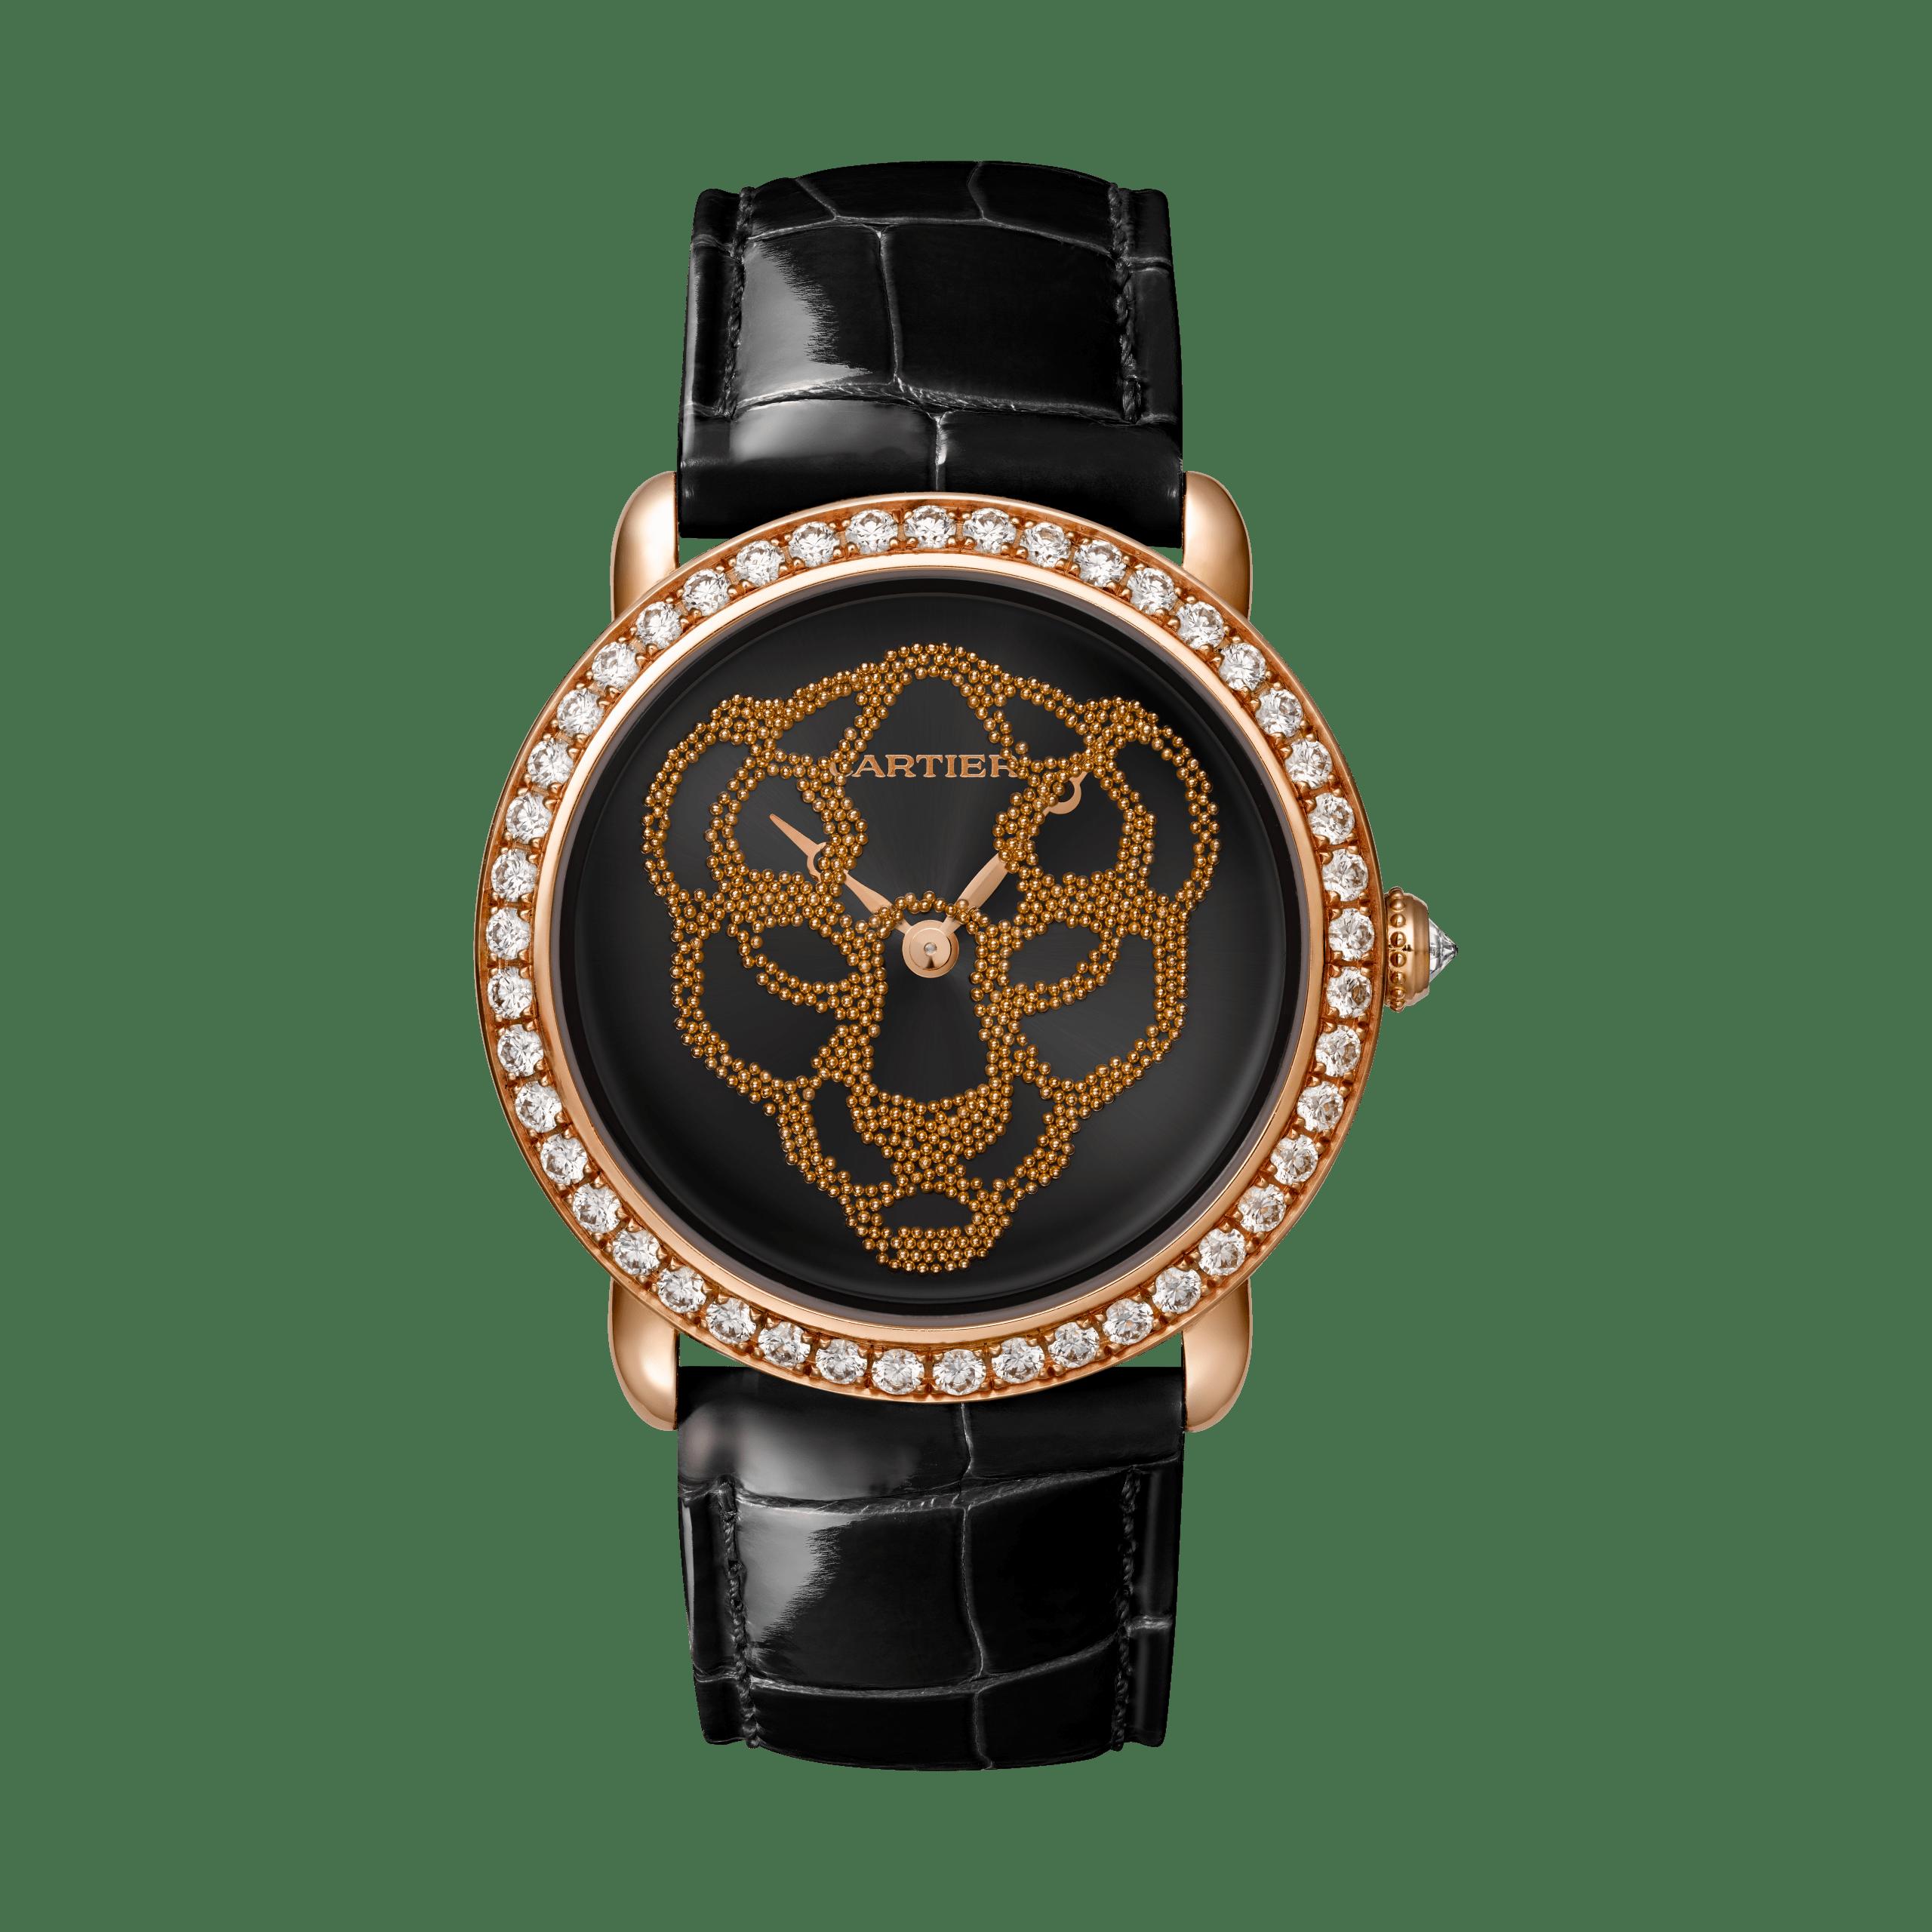 首次來台展出!Révélation d'une Panthère美洲豹腕錶37毫米,卡地亞430 MC型工作坊精製手動上鍊機械機芯。玫瑰K金錶殼鑲嵌圓形明亮式切割鑽石,黑色真漆錶盤,隨著手腕動作呈現金珠美洲豹圖案,錶冠鑲嵌鑽石,亮面黑色鱷魚皮錶帶(另備有一條酒紅色鱷魚皮錶帶),參考價格約NT$ 3,450,000